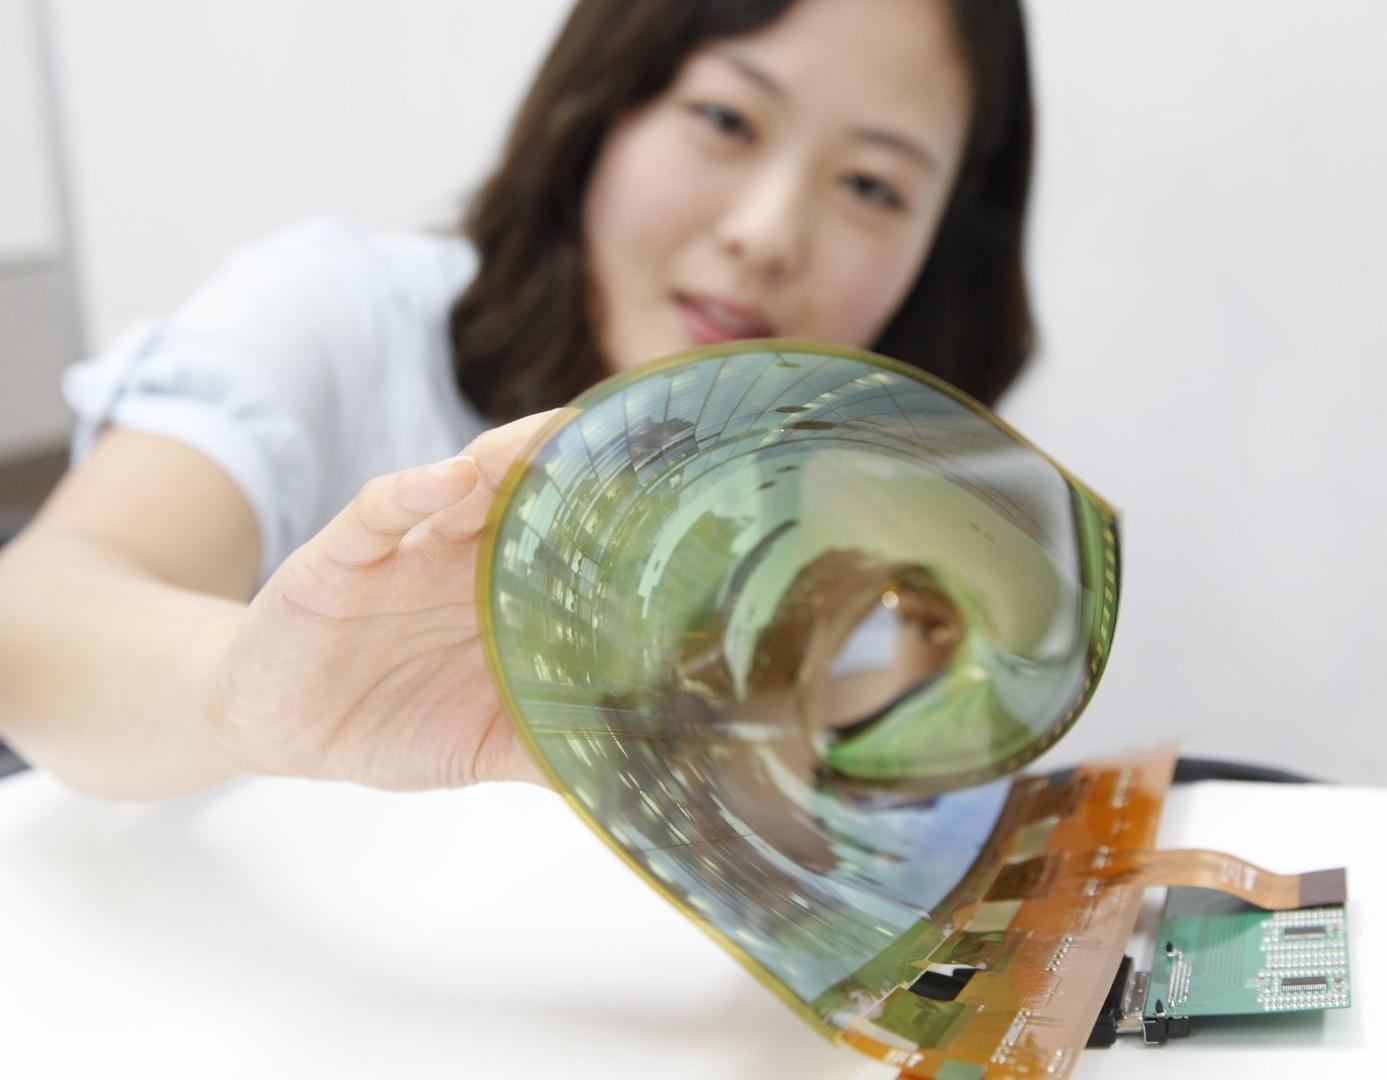 Rollbares OLED-Panel